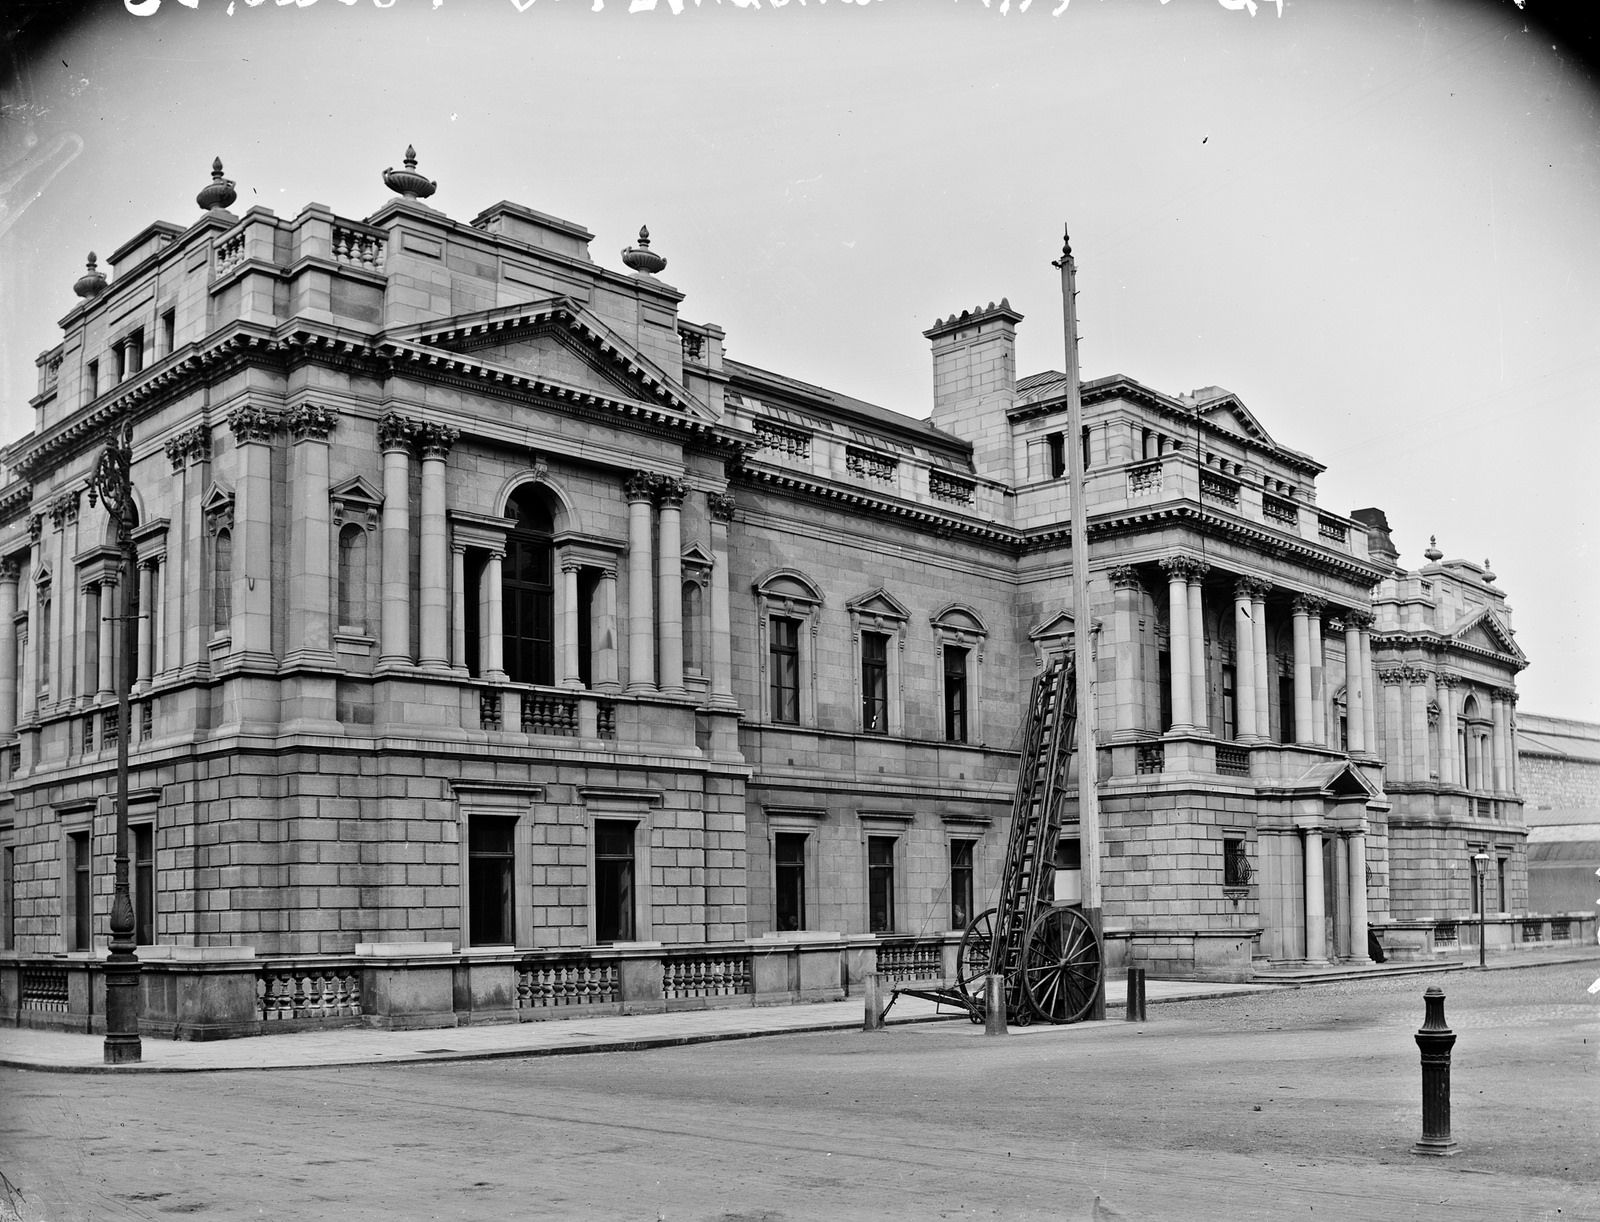 National museum dublin city co dublin dublin city